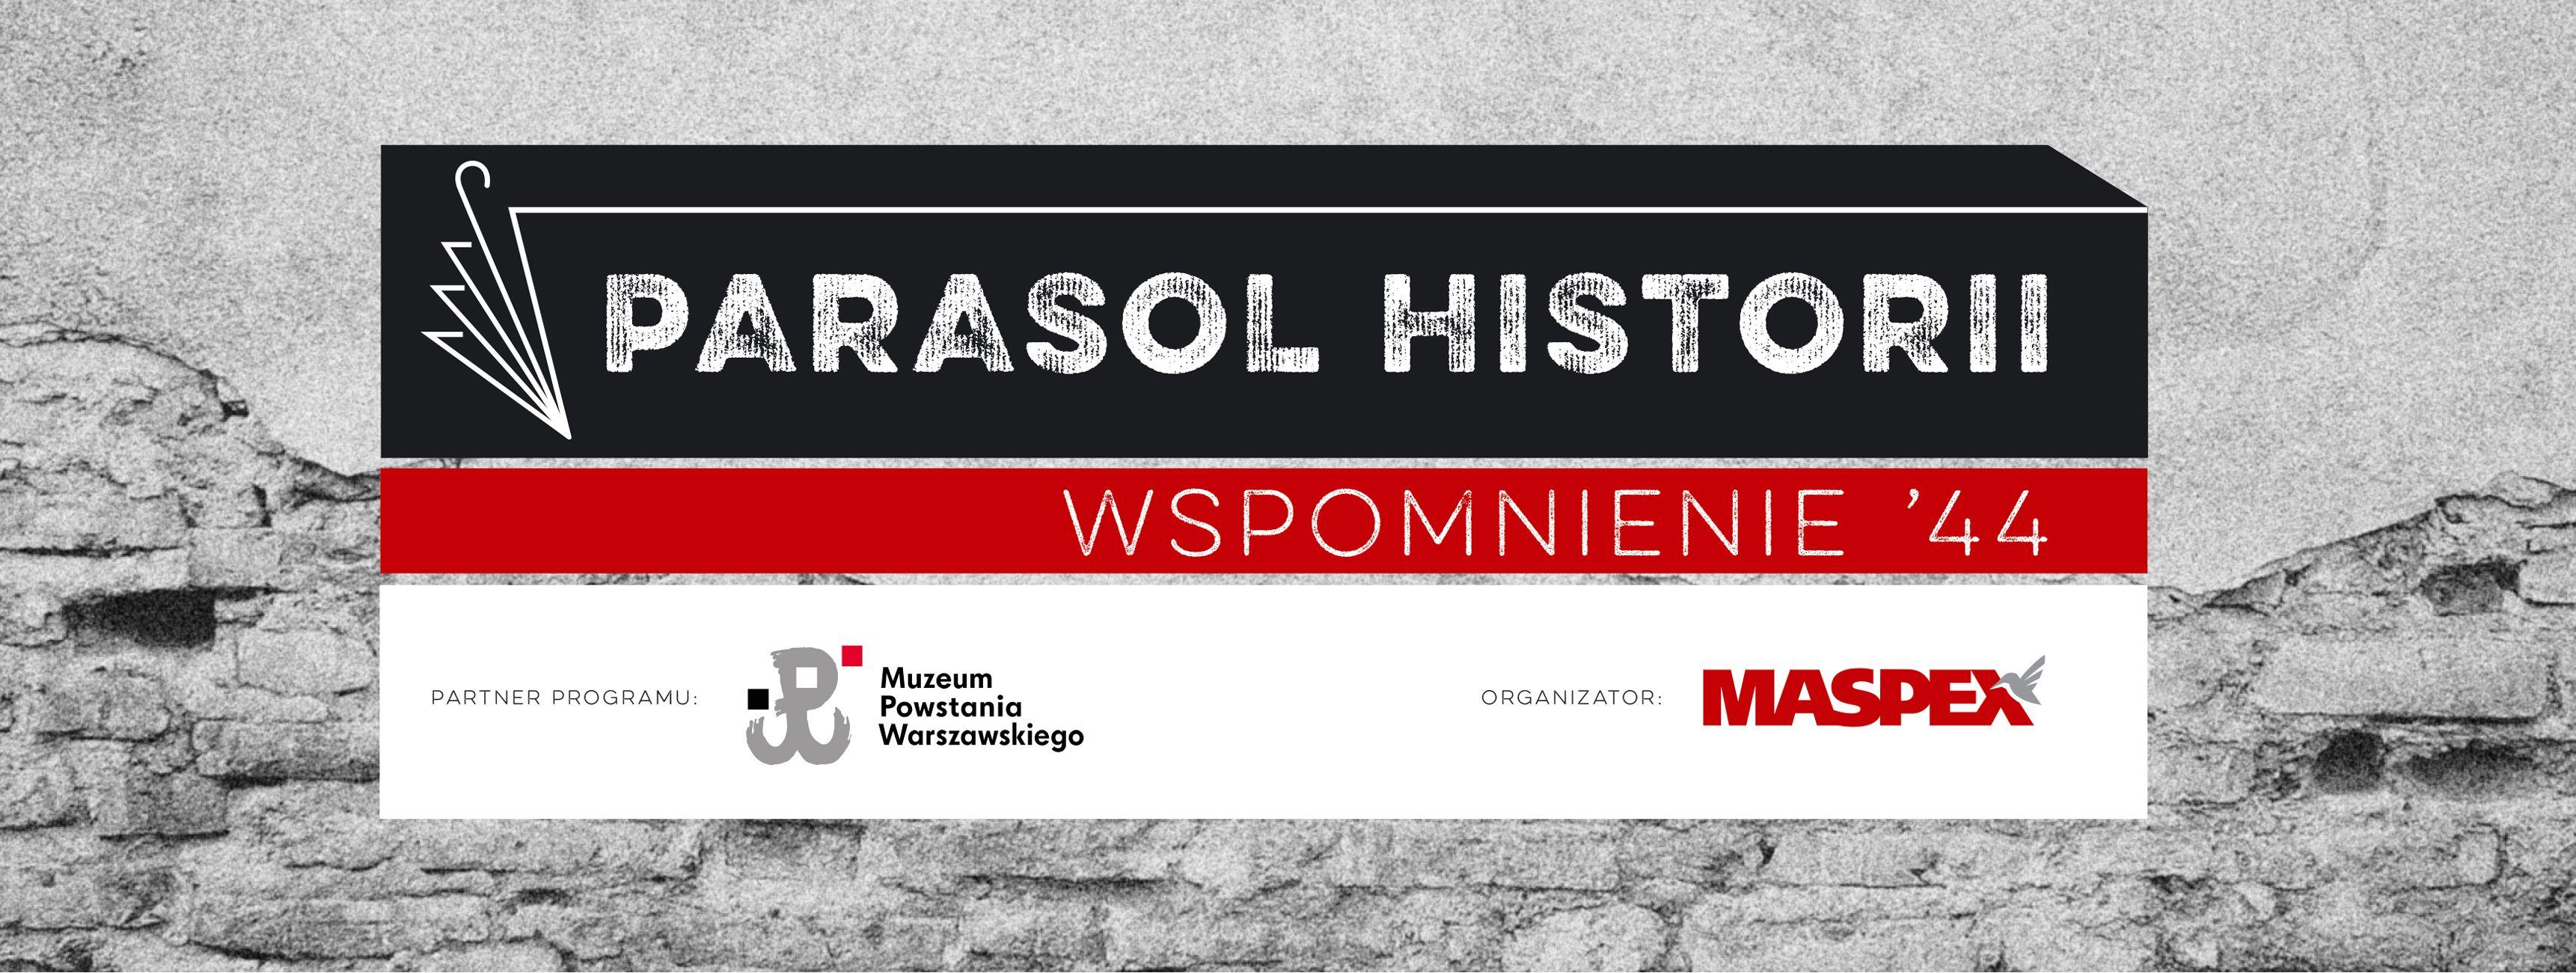 Wspólny projekt edukacyjny firmy Maspex i Muzeum Powstania Warszawskiego